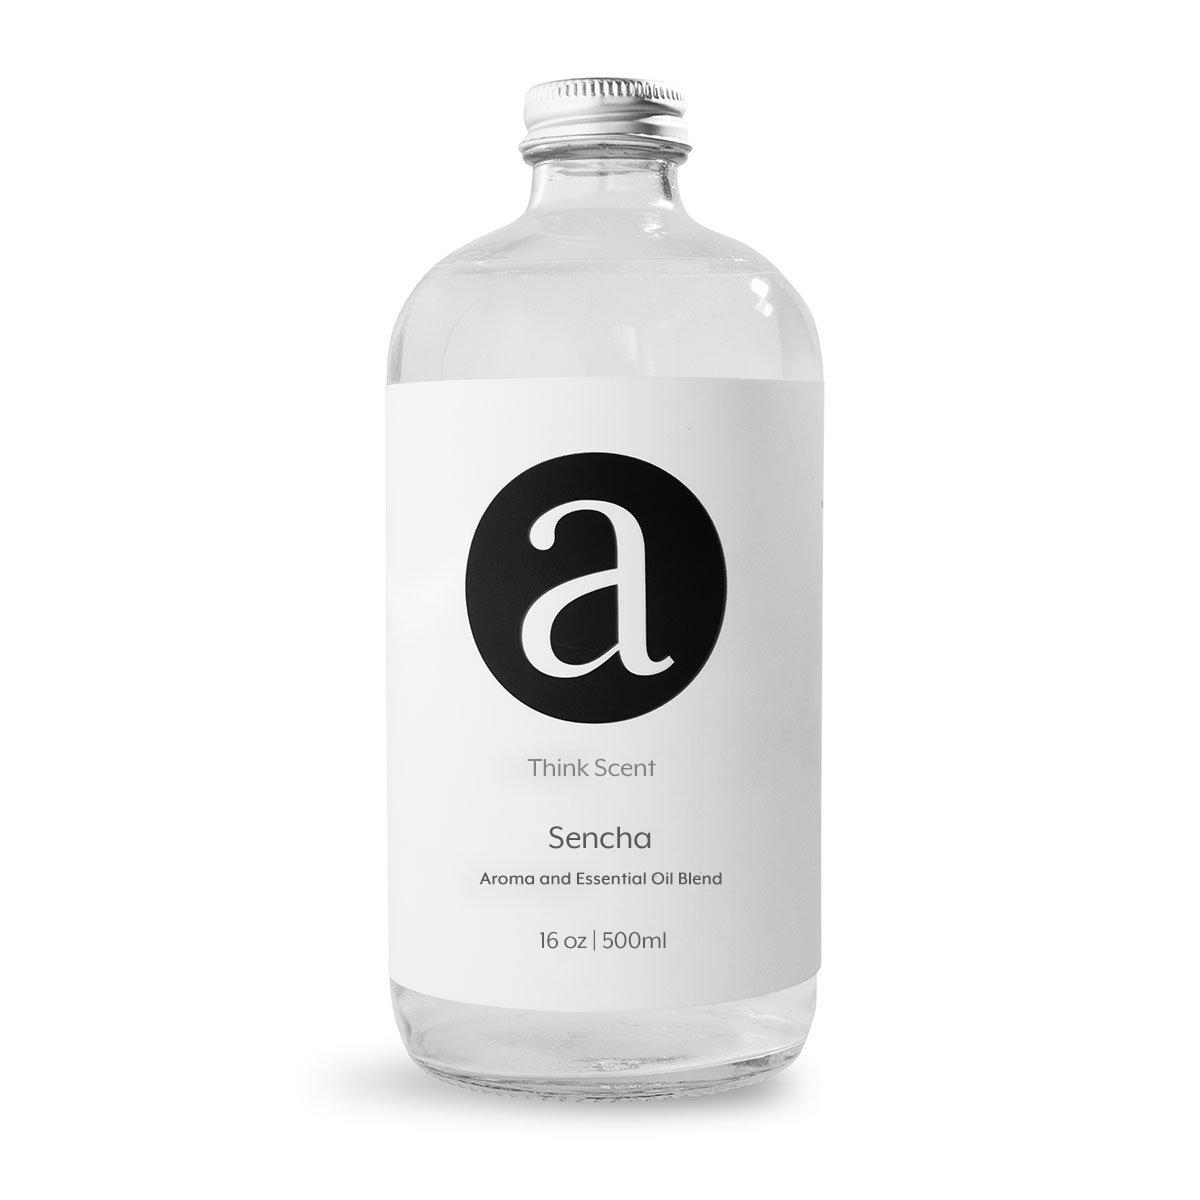 (Sencha) Aroma / Fragrance Oil For AromaTech Air Freshener Scent Diffuser (500ml)